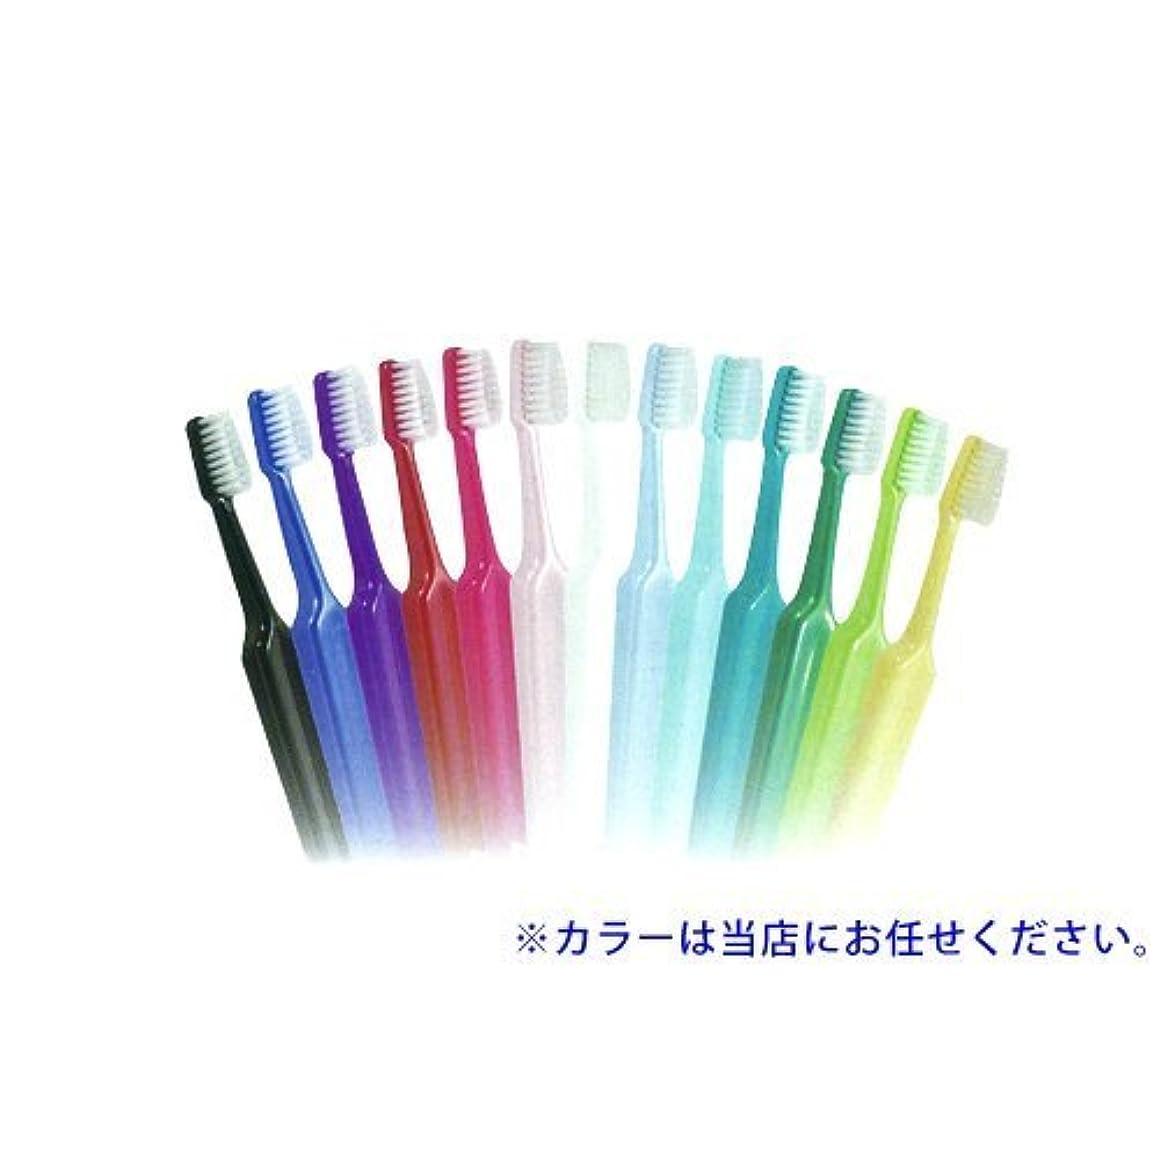 排気表向きリスキーなTepe歯ブラシ セレクトミニ/エクストラソフト 25本/箱